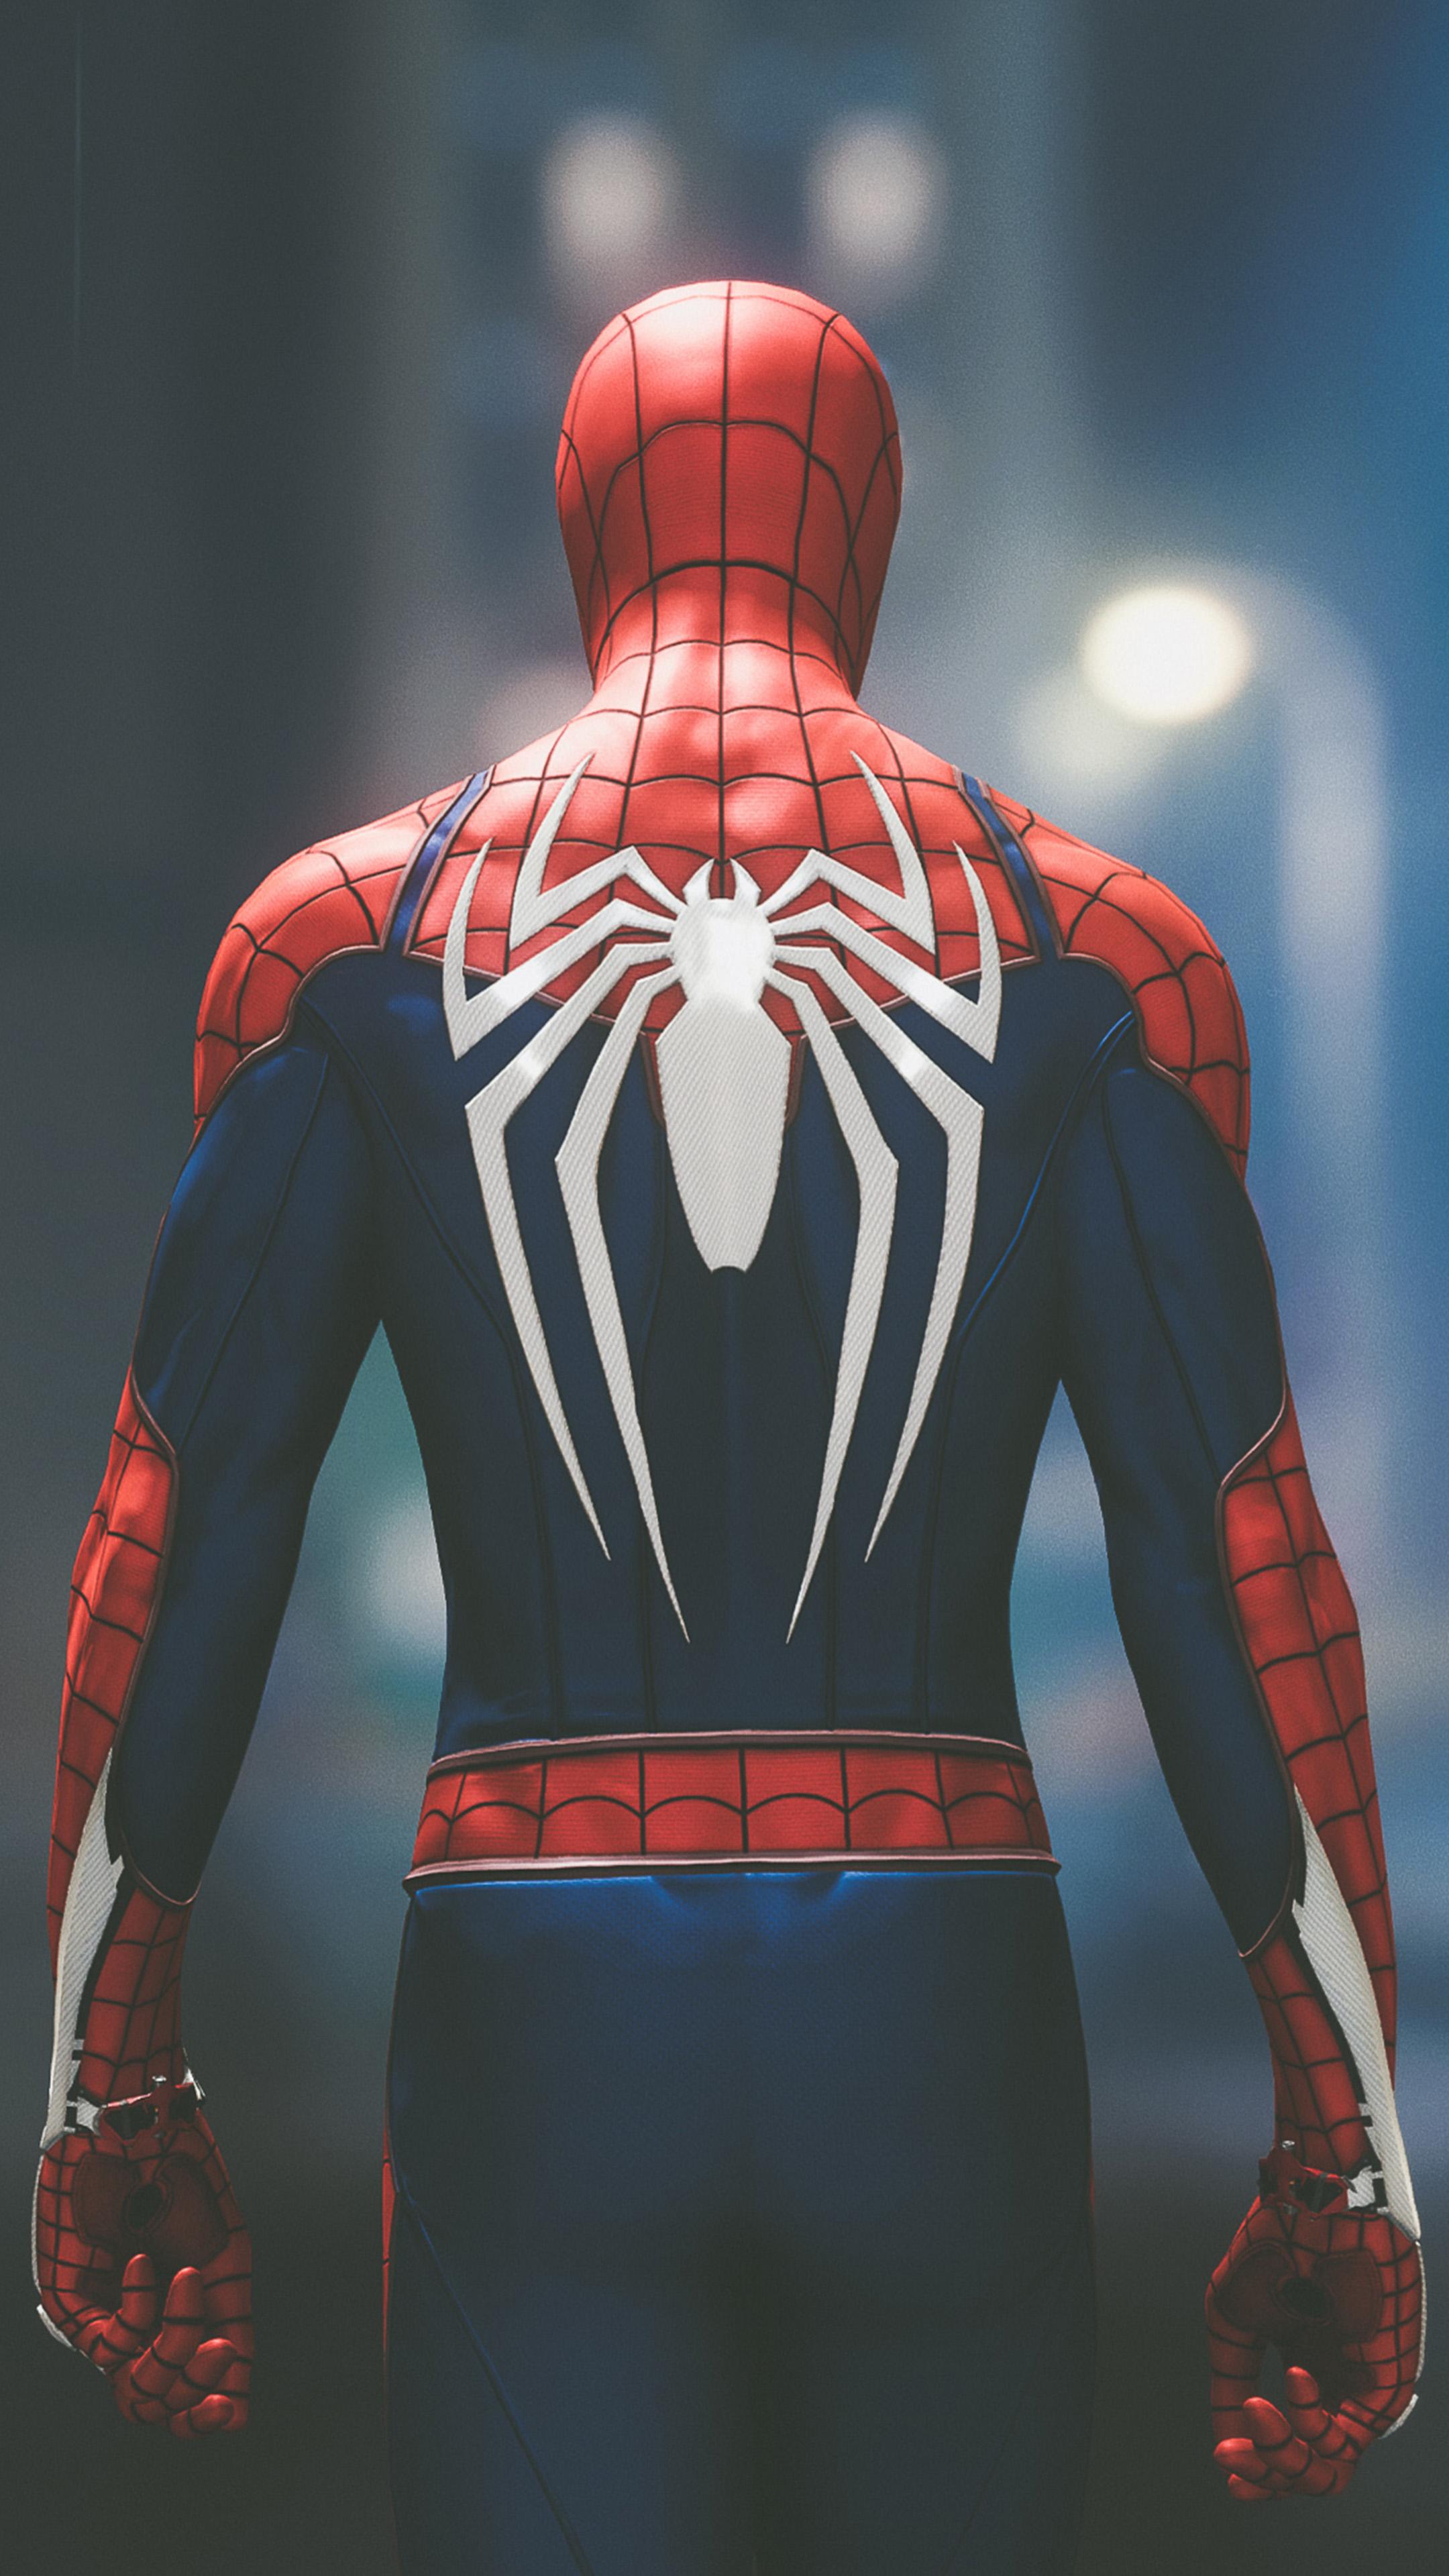 Ảnh đẹp làm nền điện thoại 4k - Spider man